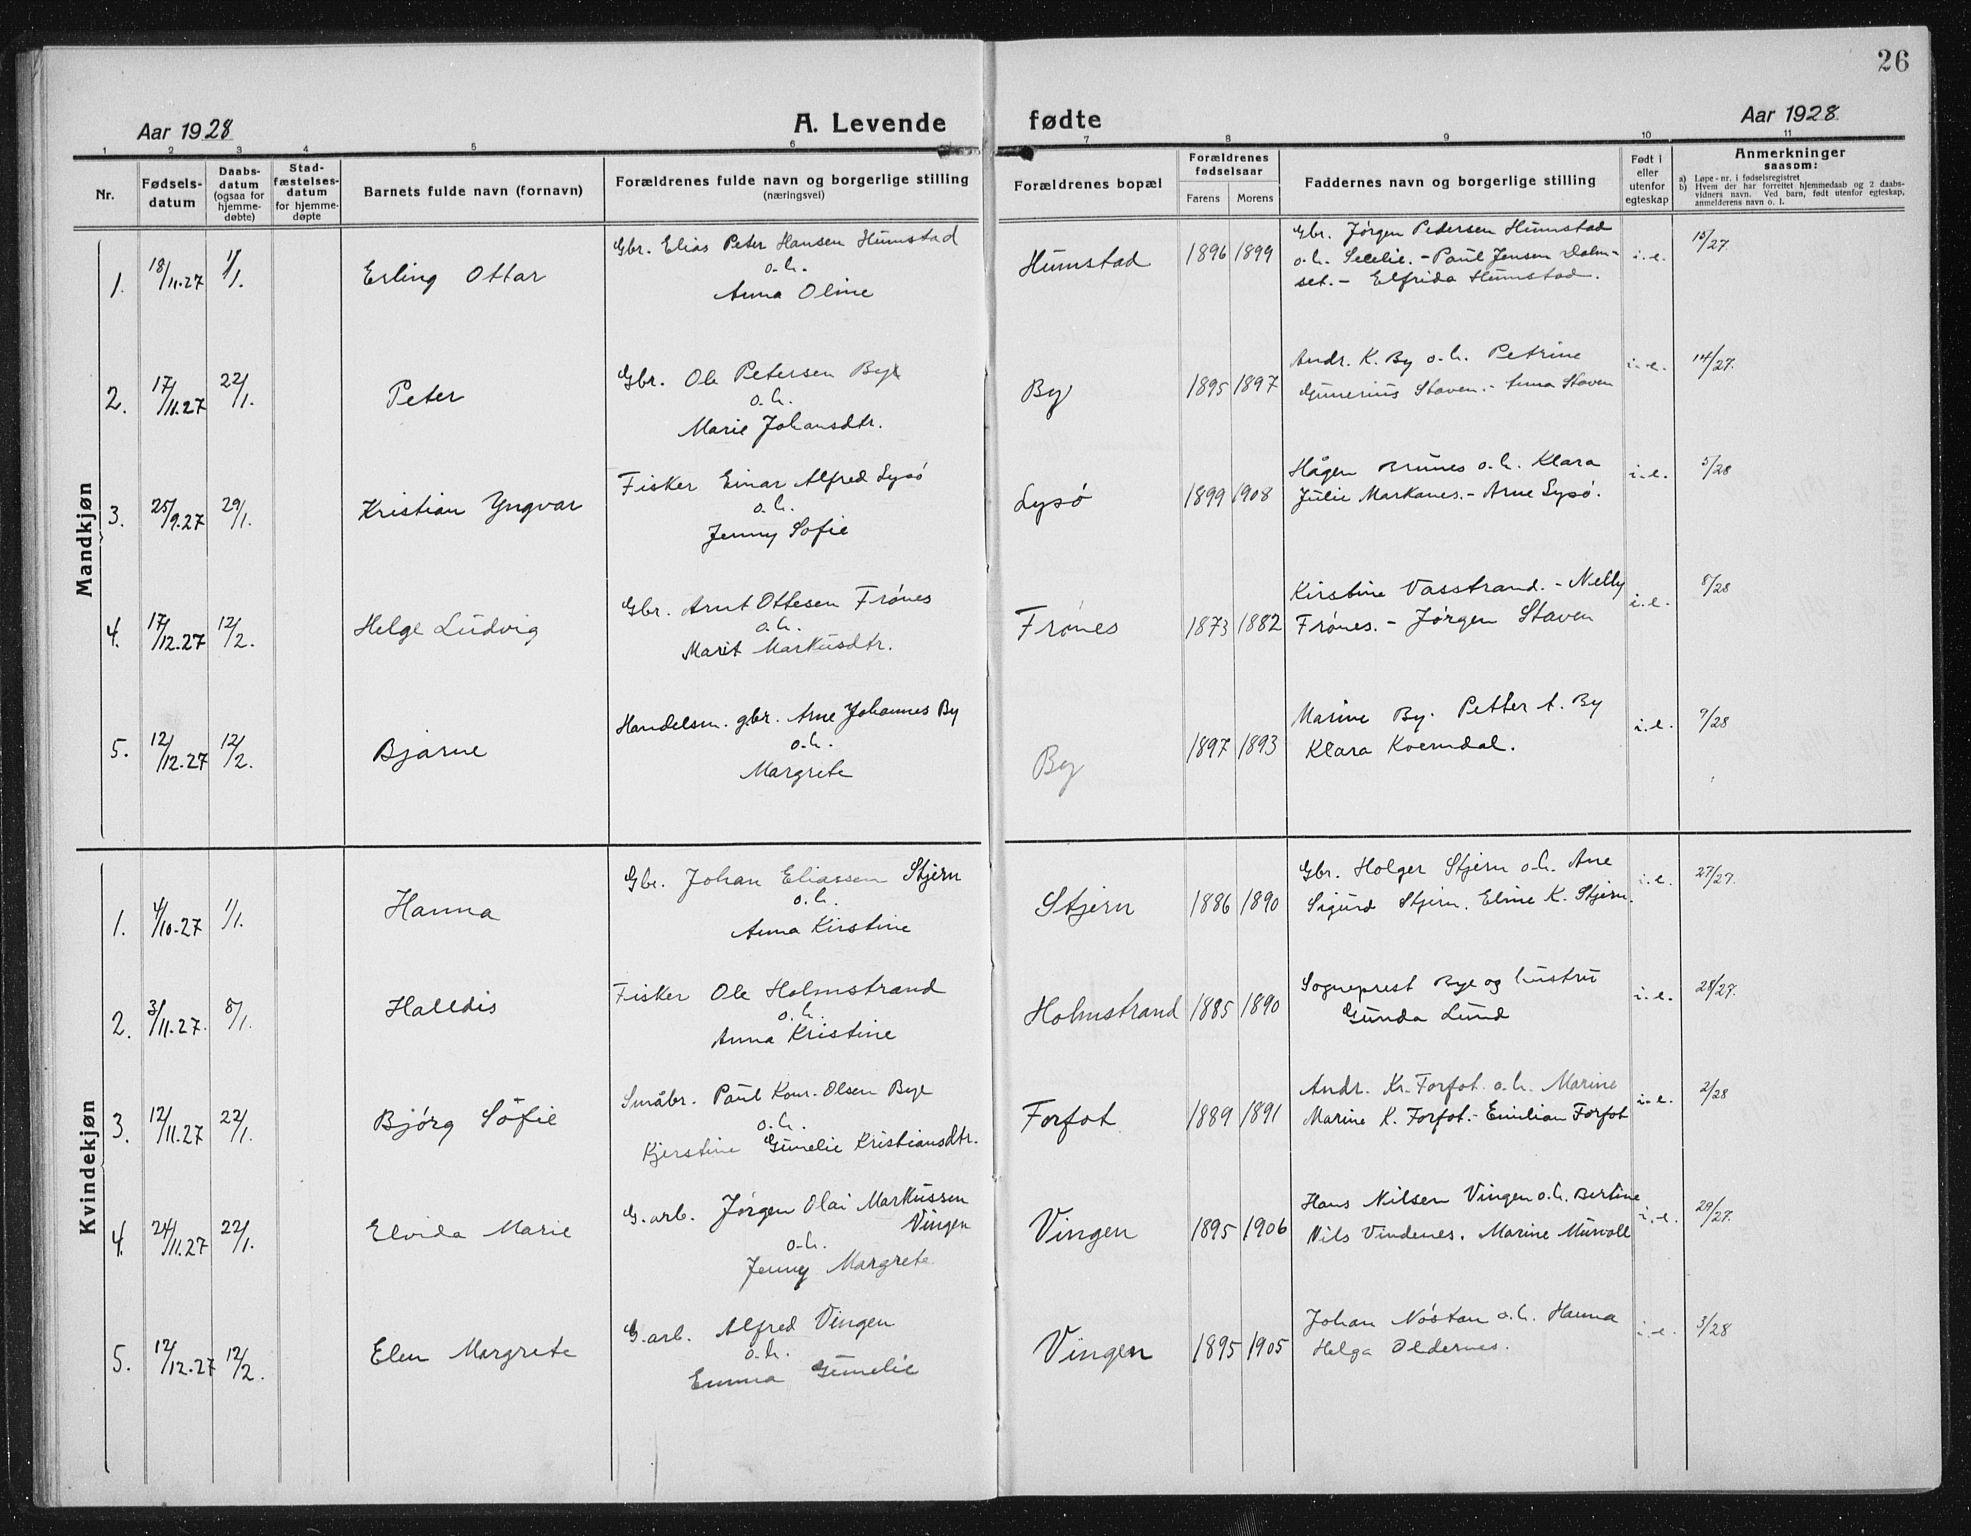 SAT, Ministerialprotokoller, klokkerbøker og fødselsregistre - Sør-Trøndelag, 655/L0689: Klokkerbok nr. 655C05, 1922-1936, s. 26